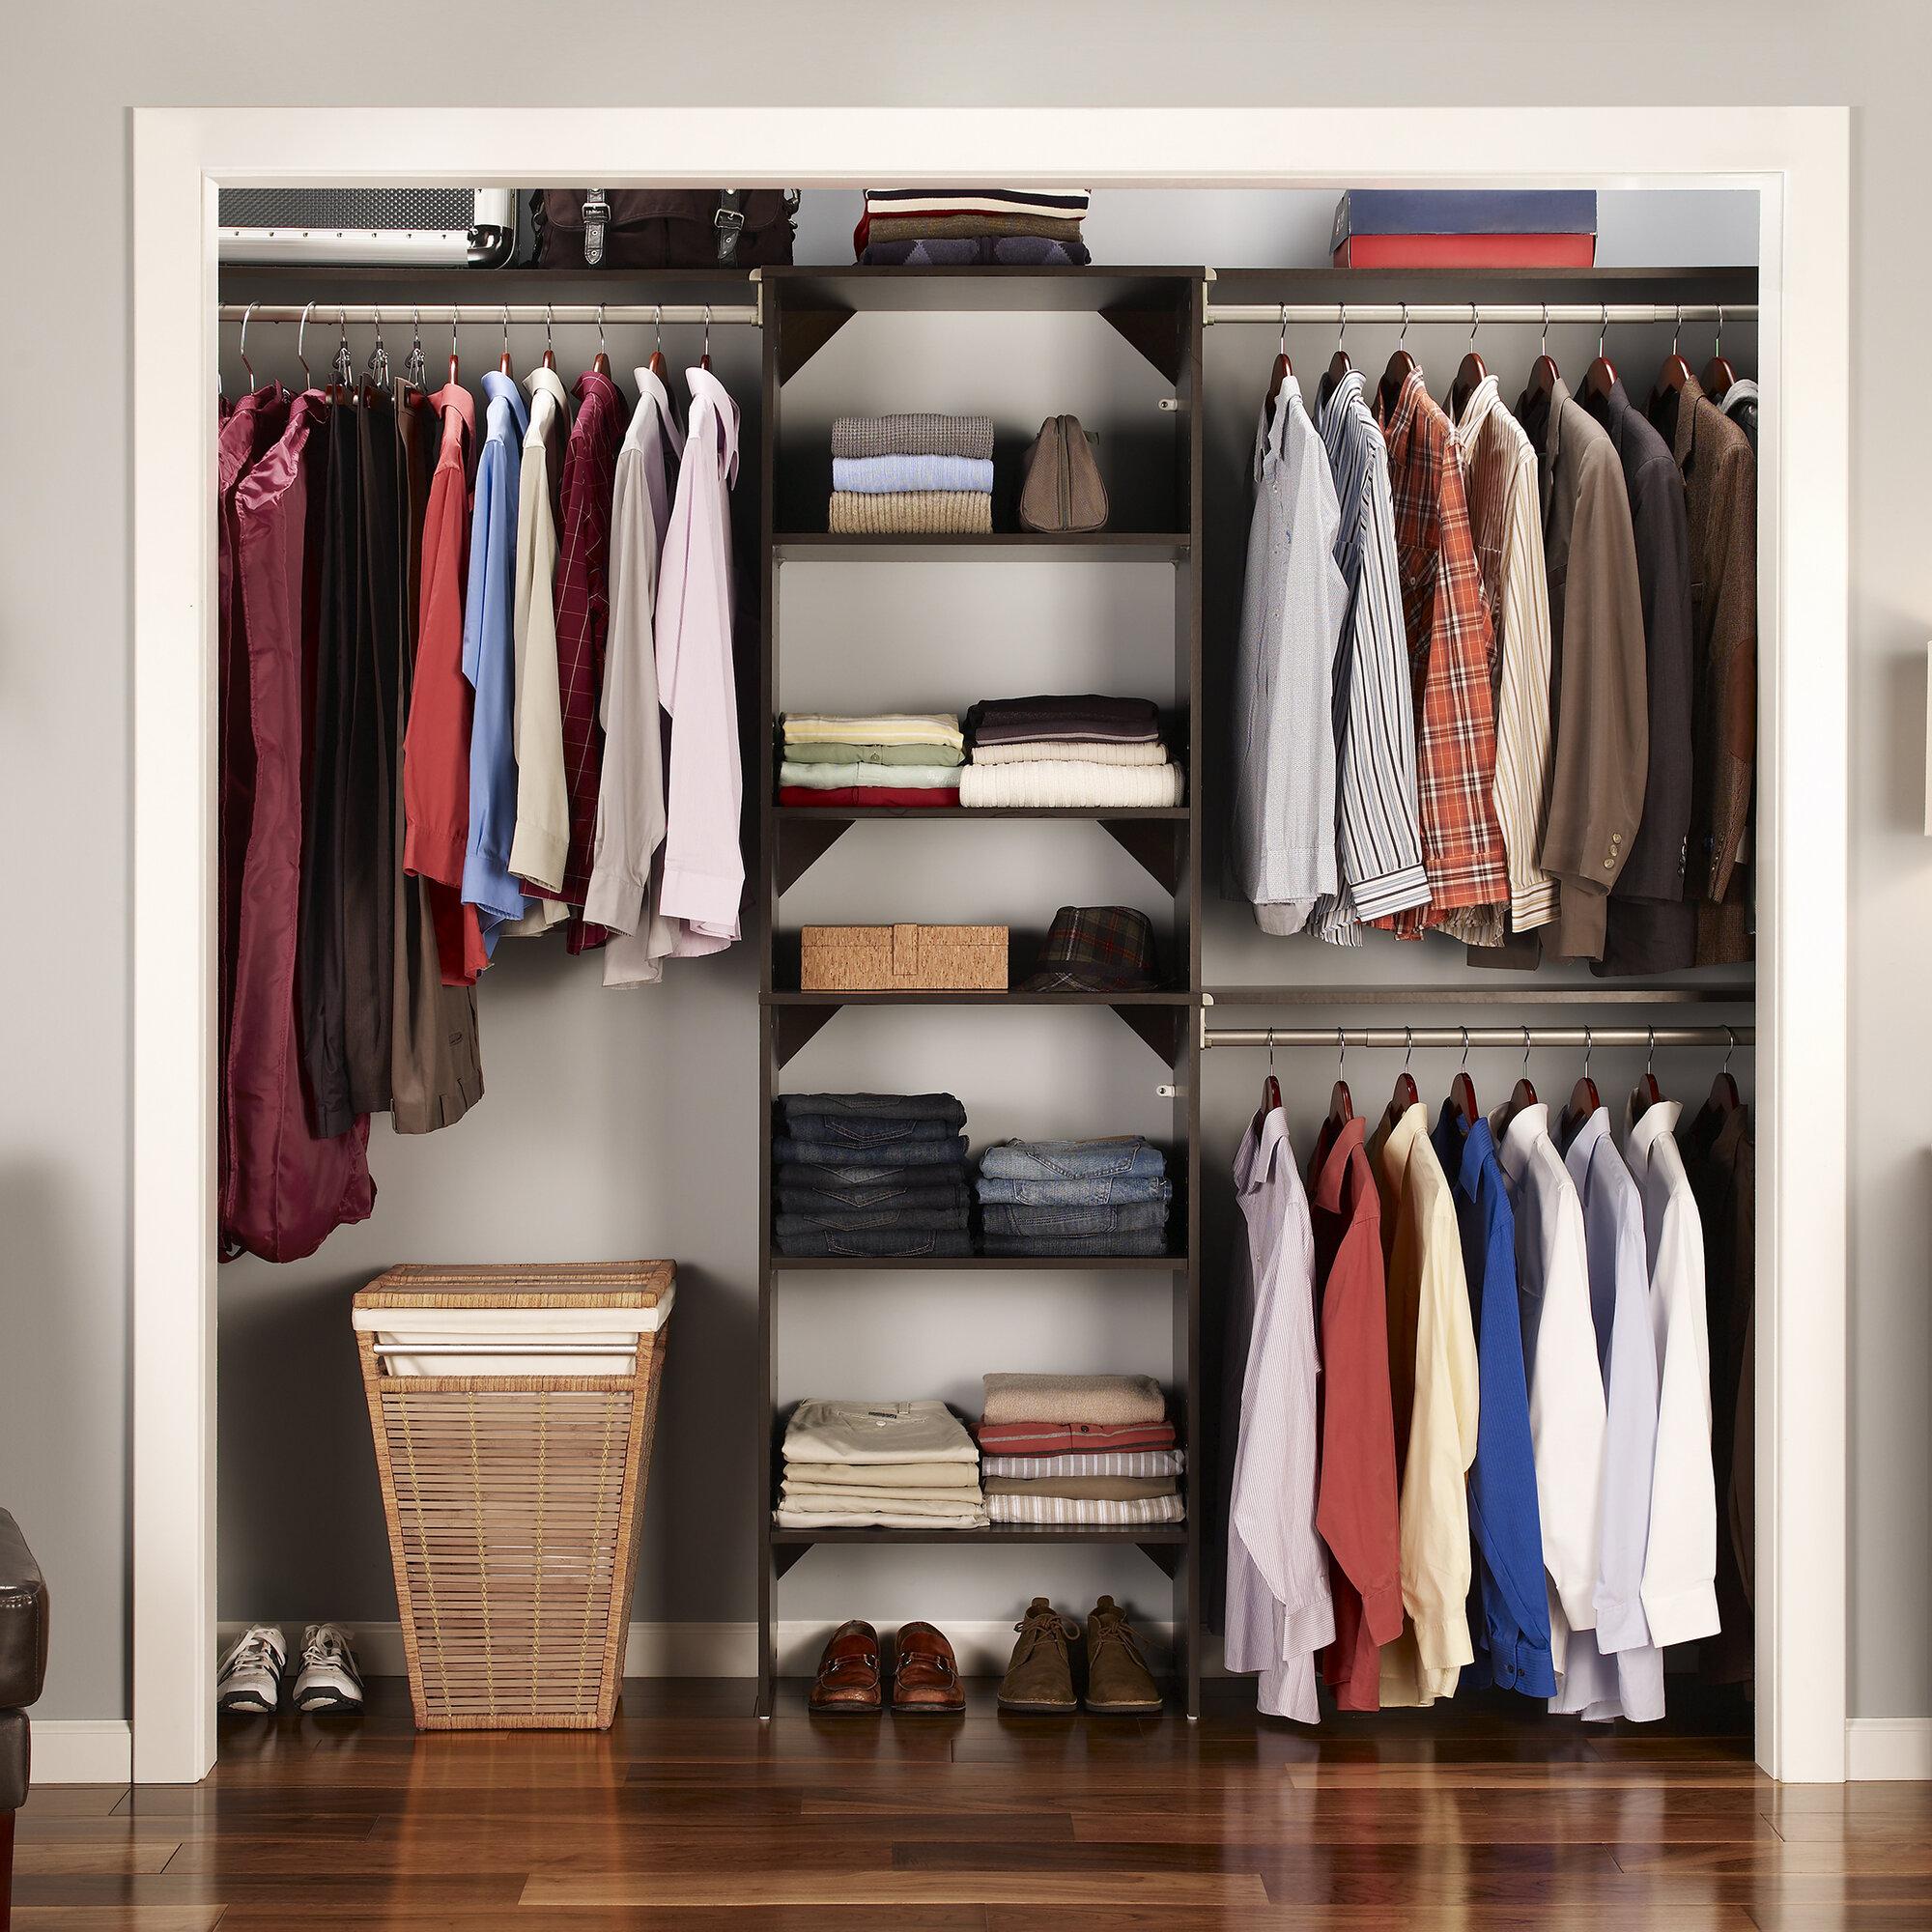 Closetmaid suitesymphony closet organizer starter kit Pictures of closet organizers